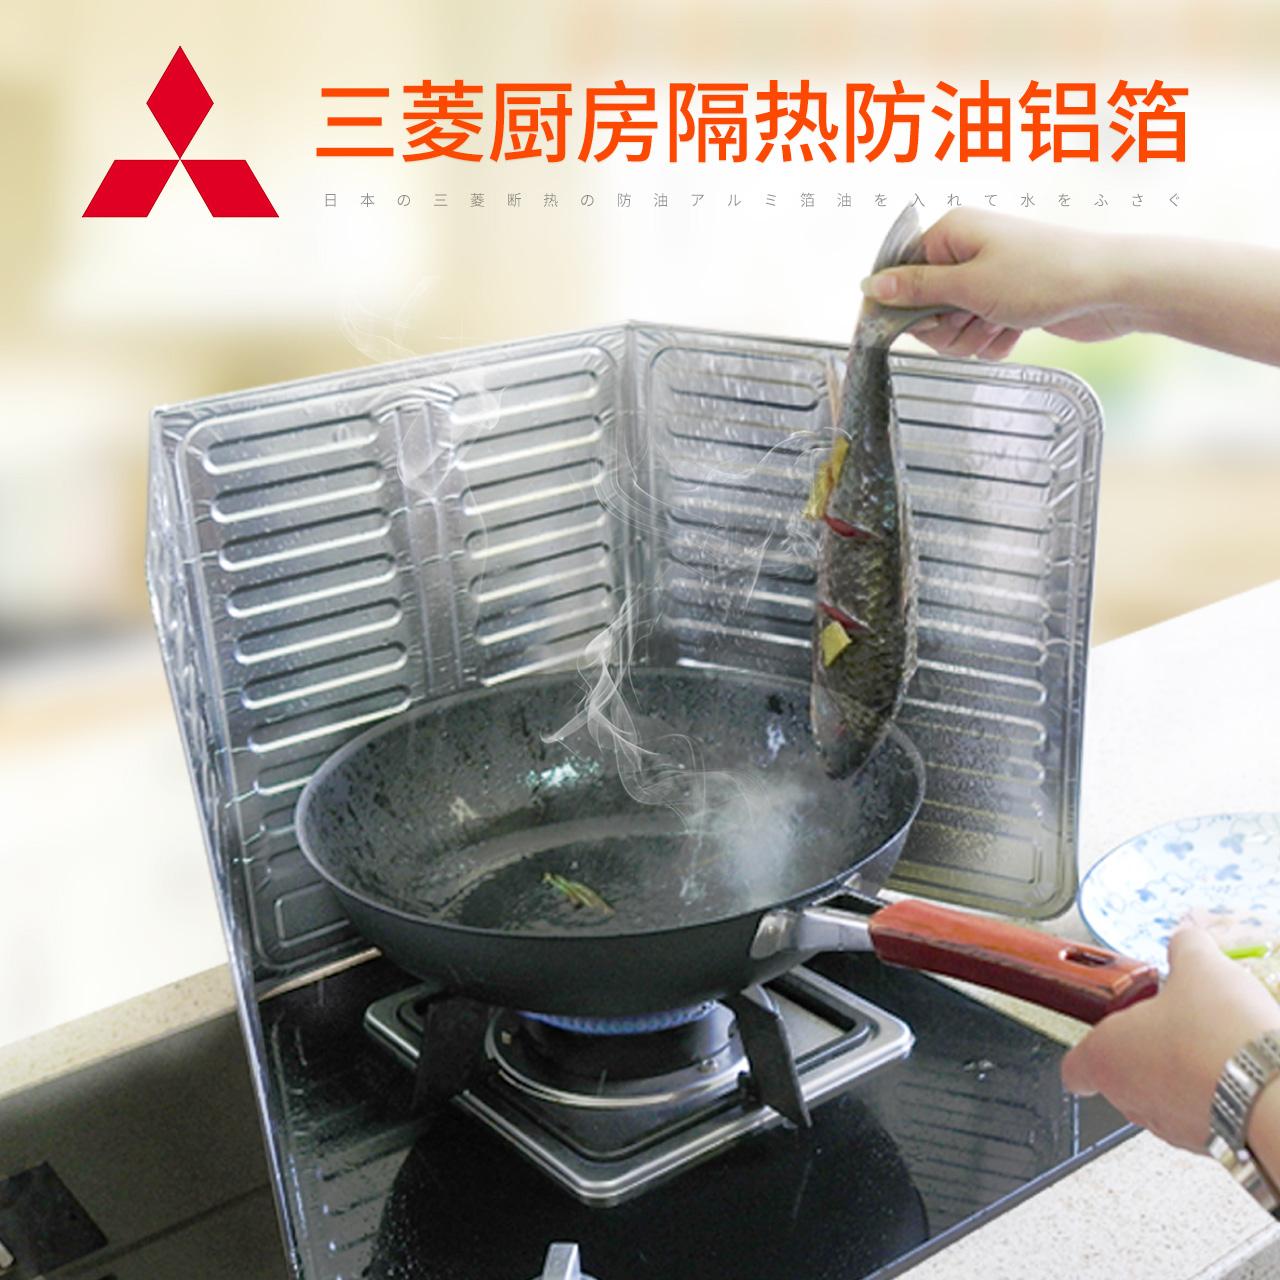 Цветение вишни обмен иморт из японии mitsubishi весь алюминиевый модель масло бумага модель масло фартук провинция кухня бумага